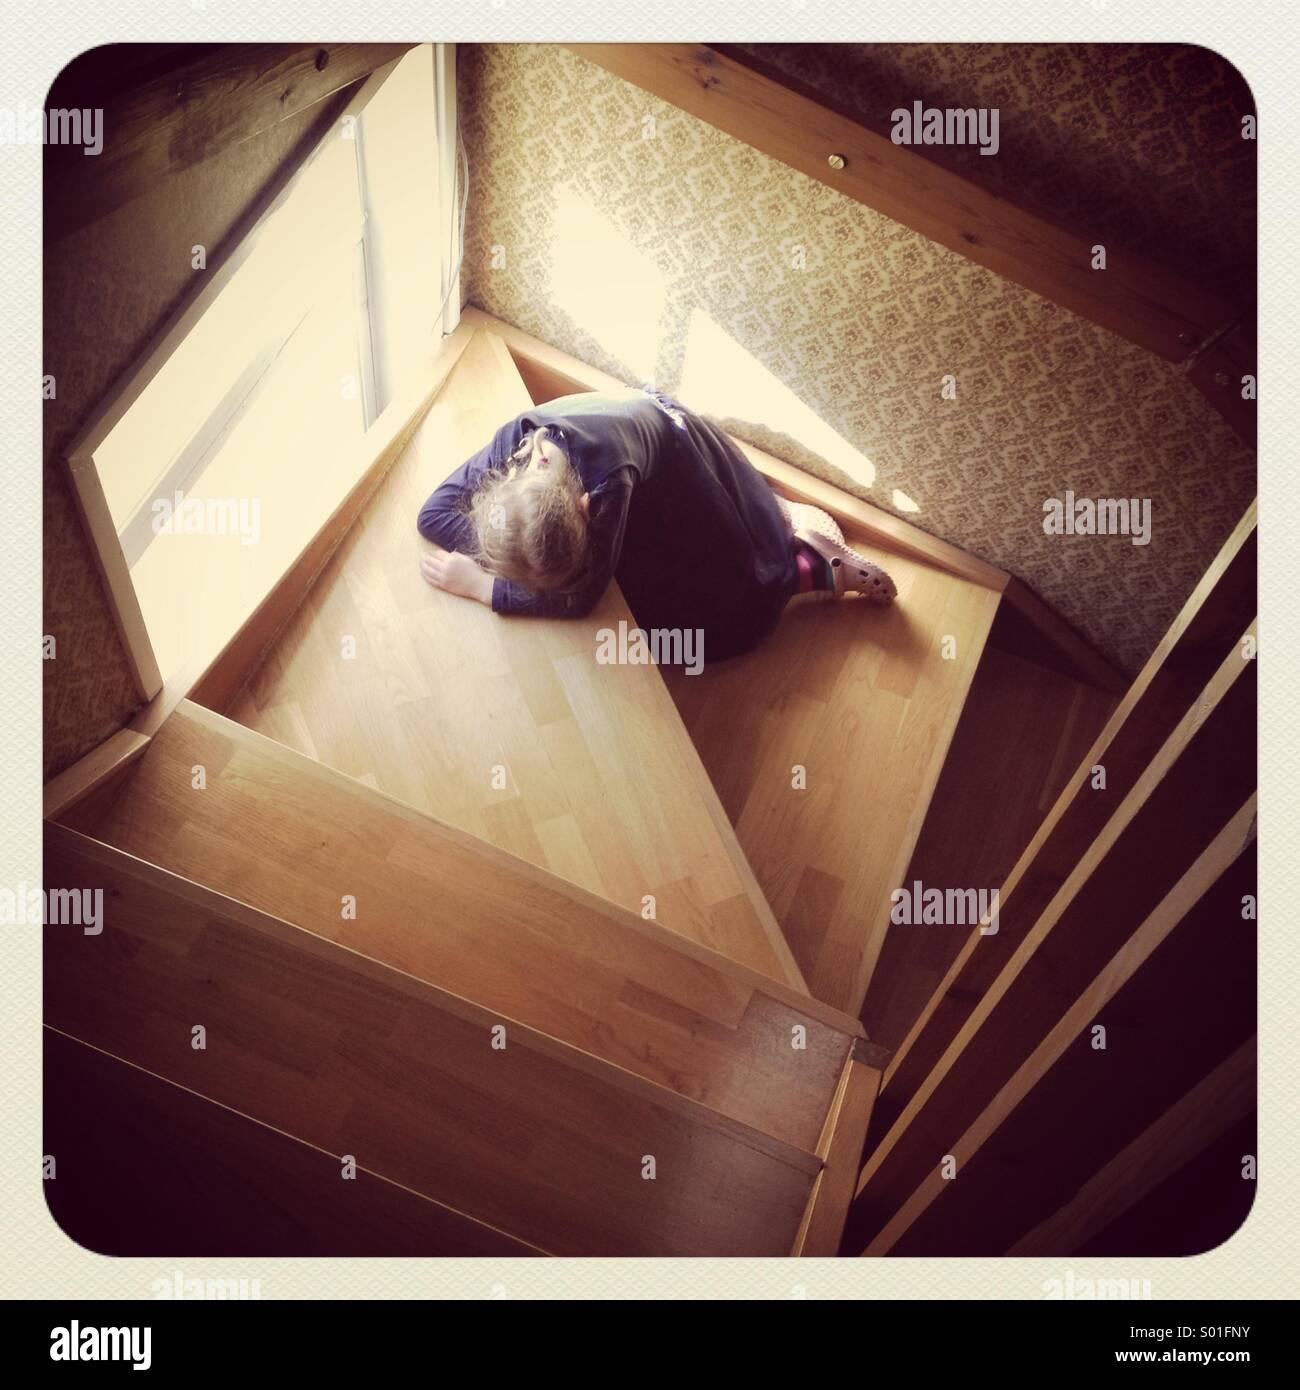 Une jeune fille endormie ou versement sur un escalier en bois à l'ancienne Photo Stock